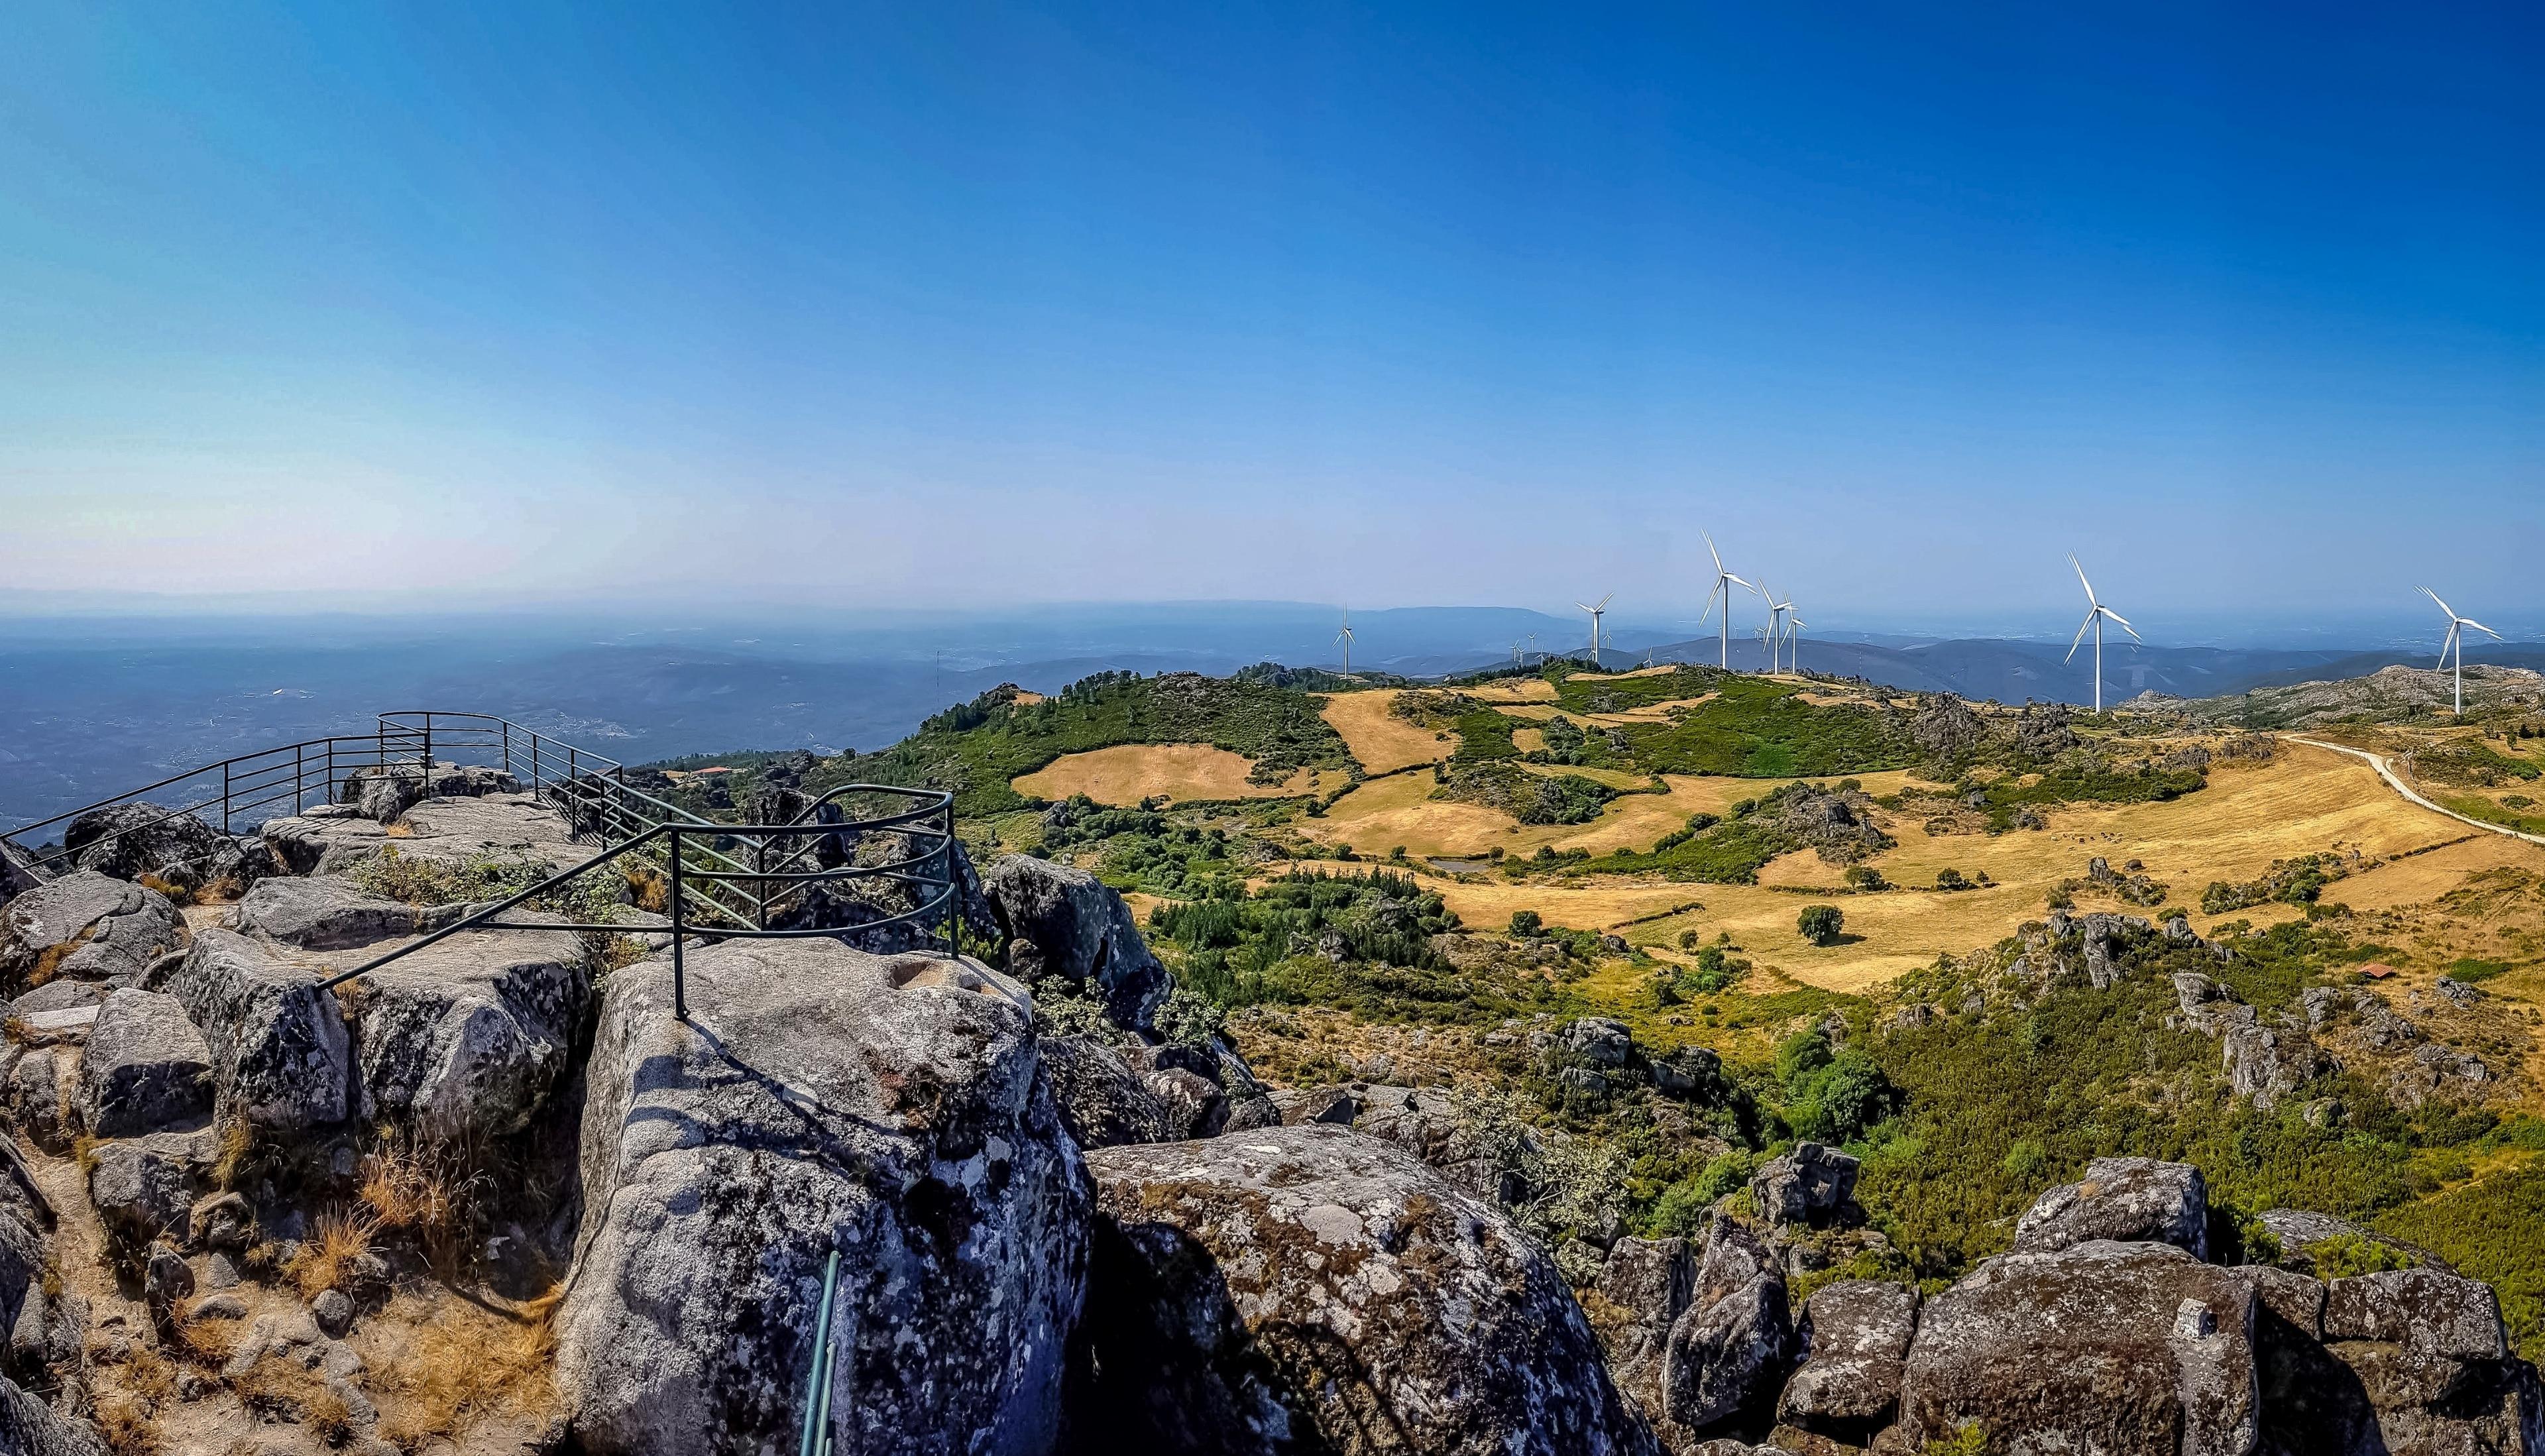 Tondela, Viseu District, Portugal